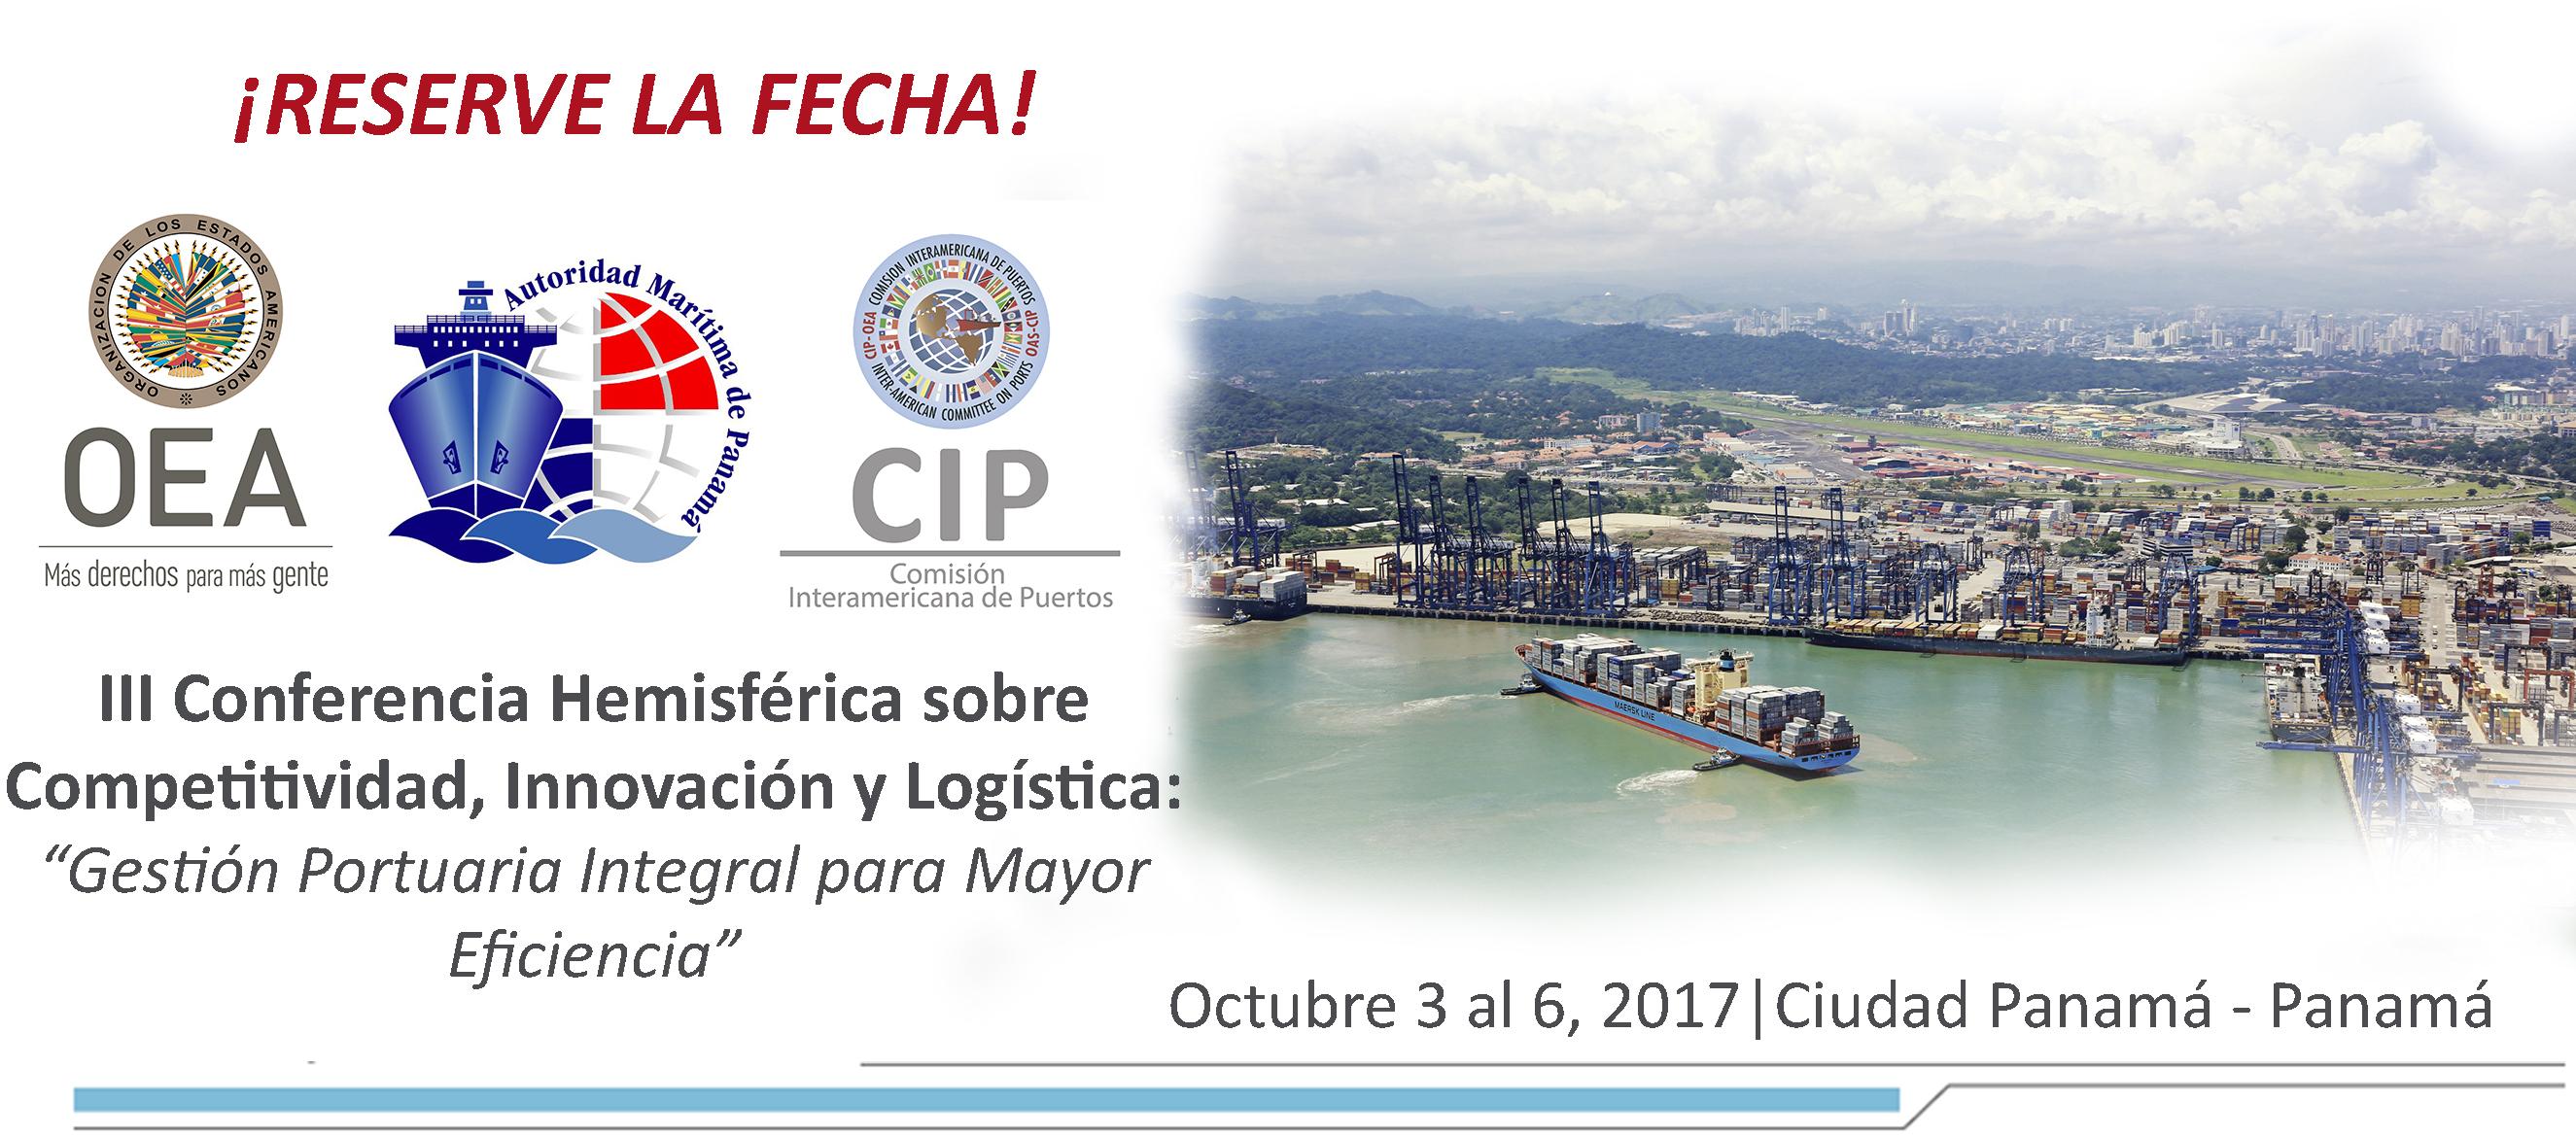 III Conferencia Hemisférica sobre Competitividad, Innovación y Logística